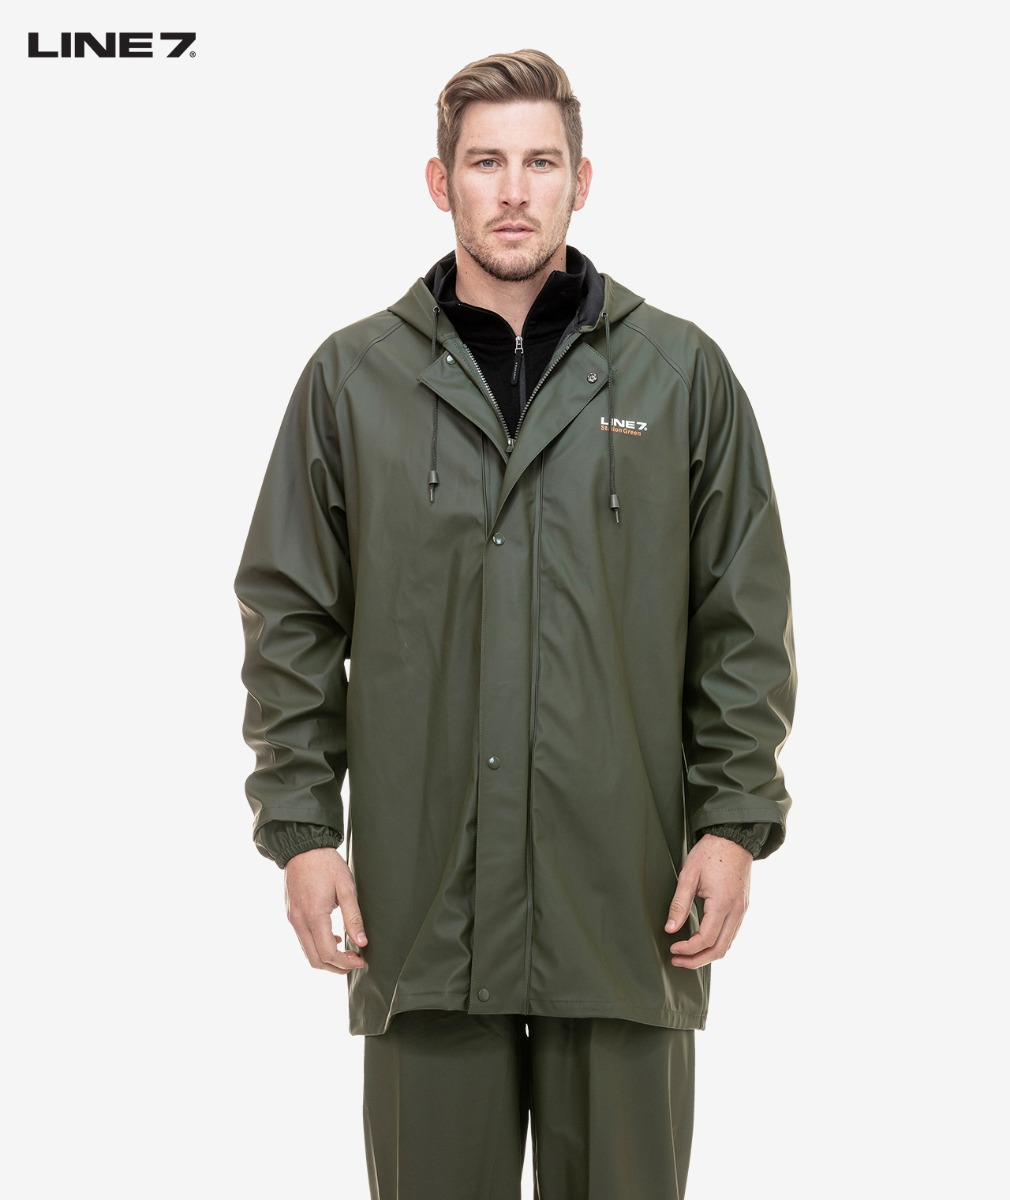 Line 7 Men's Station Green Waterproof Jacket